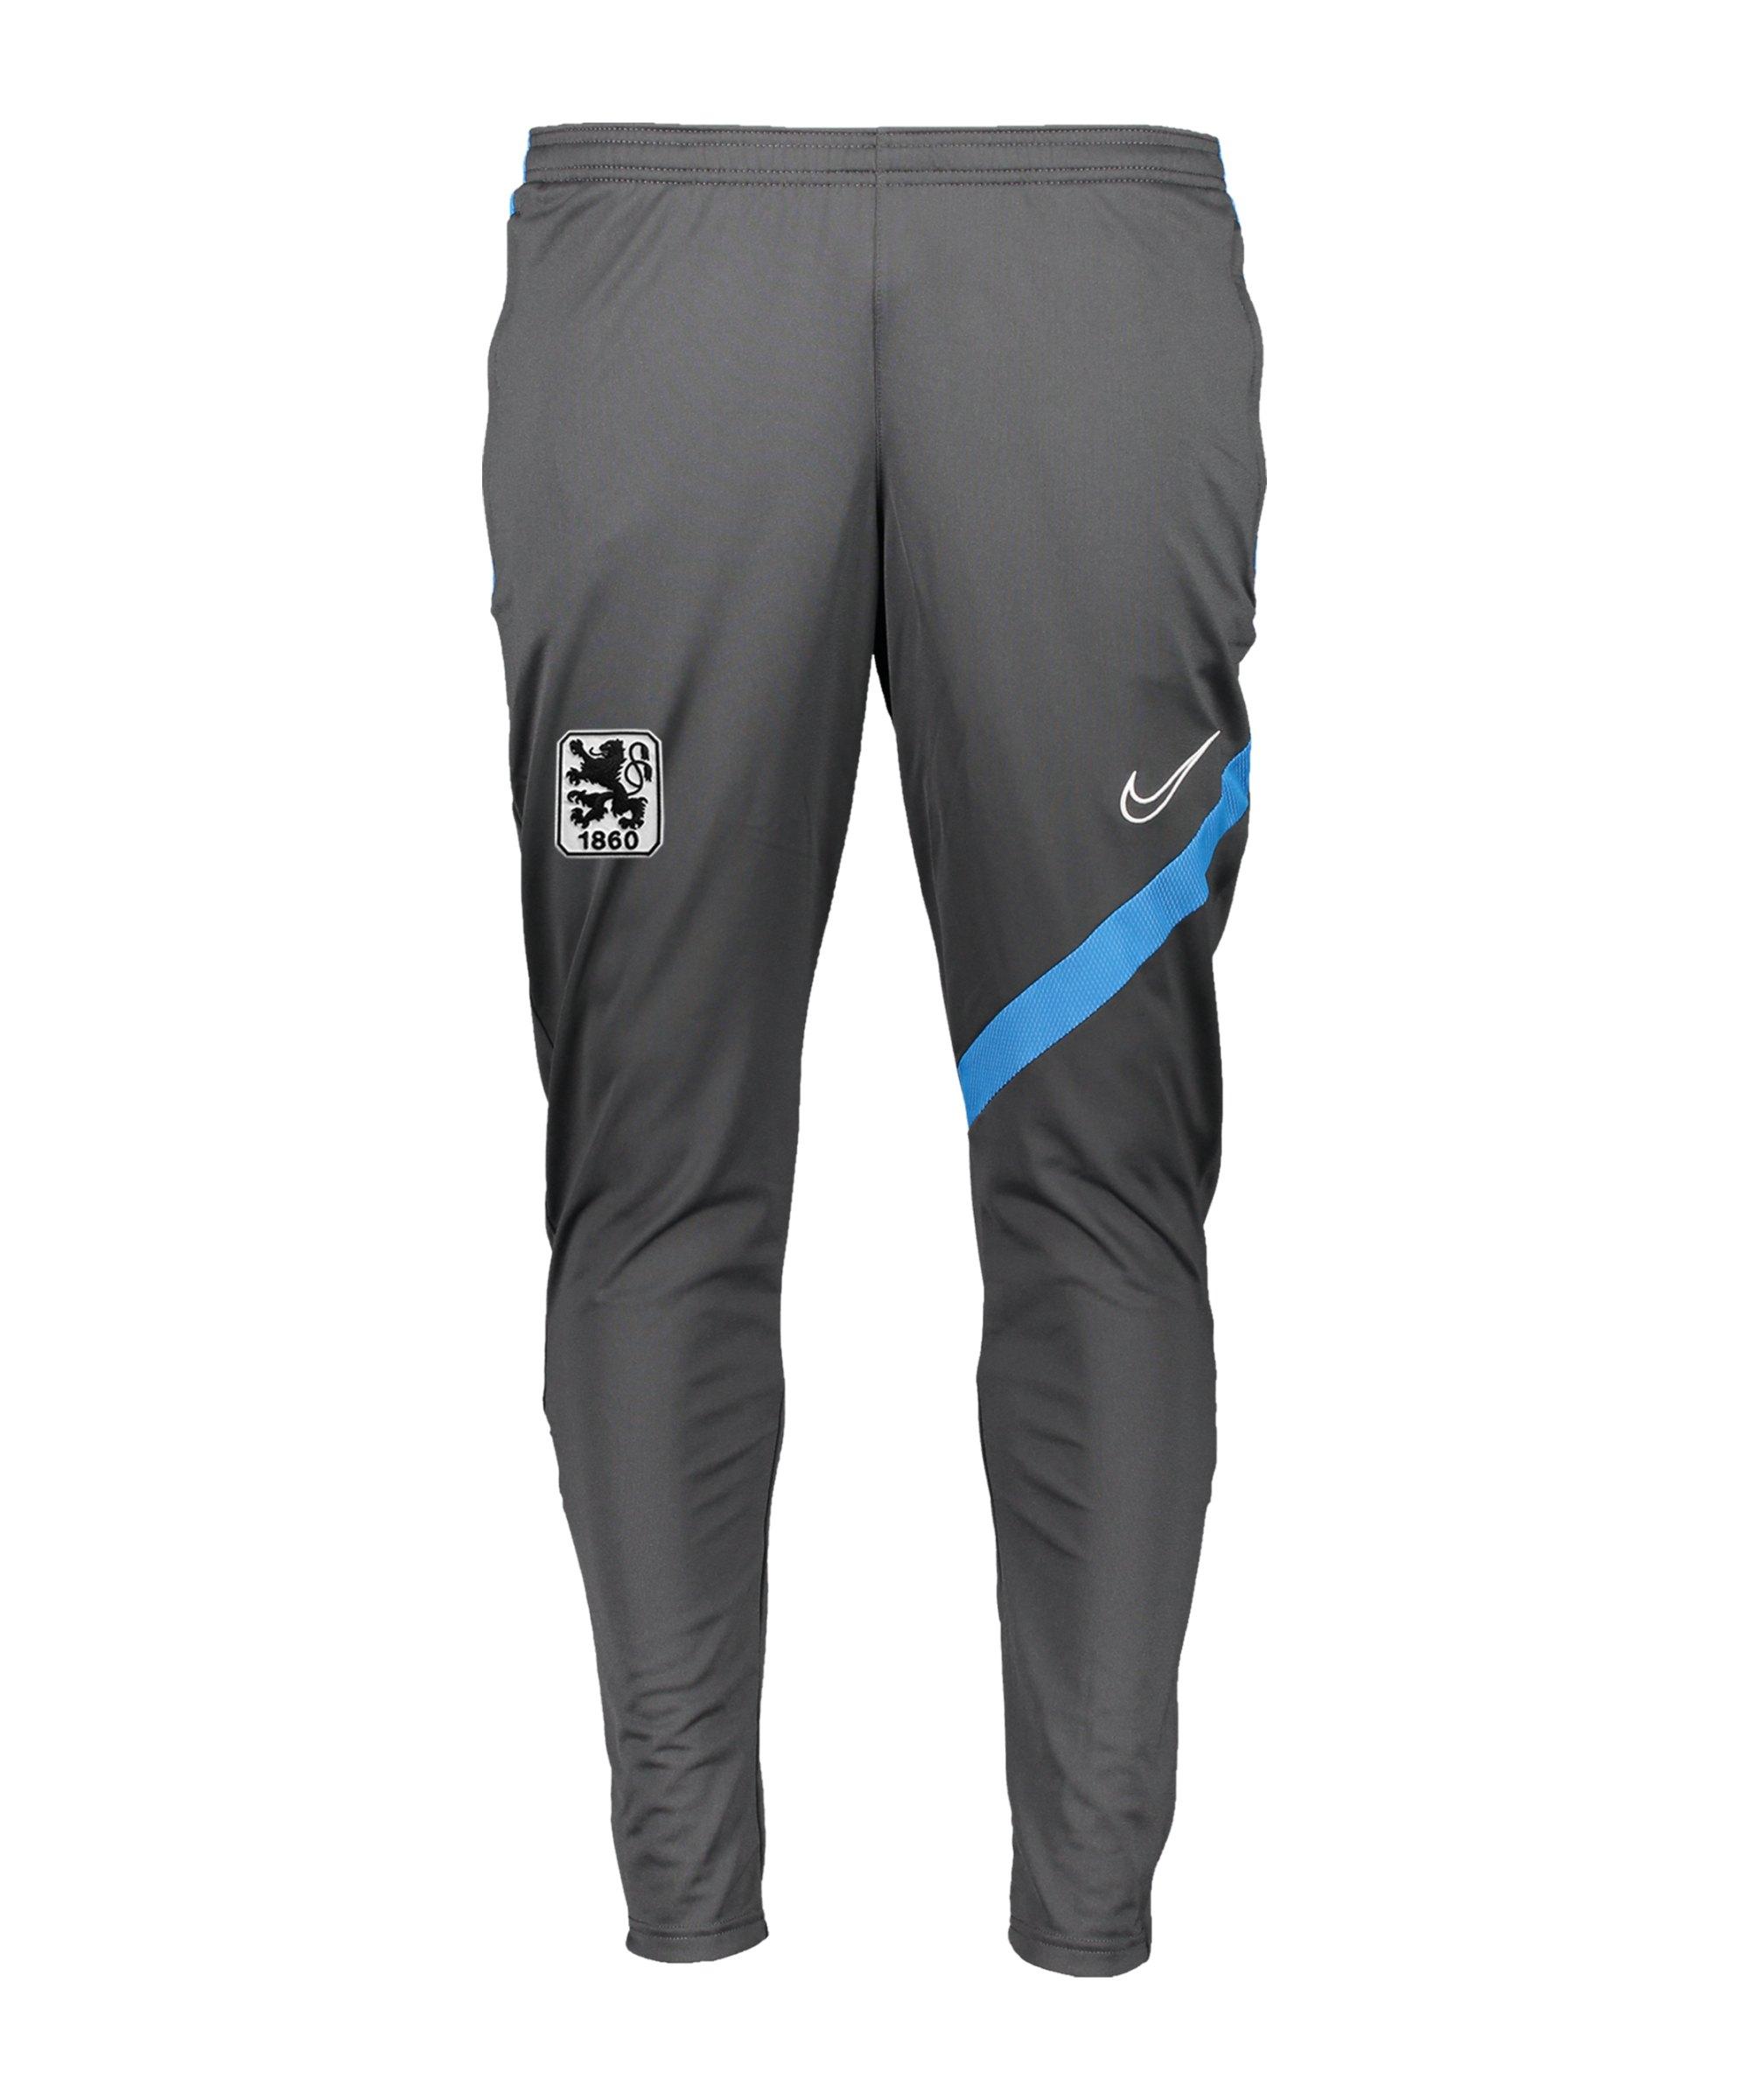 Nike TSV 1860 München Trainingshose Grau Blau F066 - grau